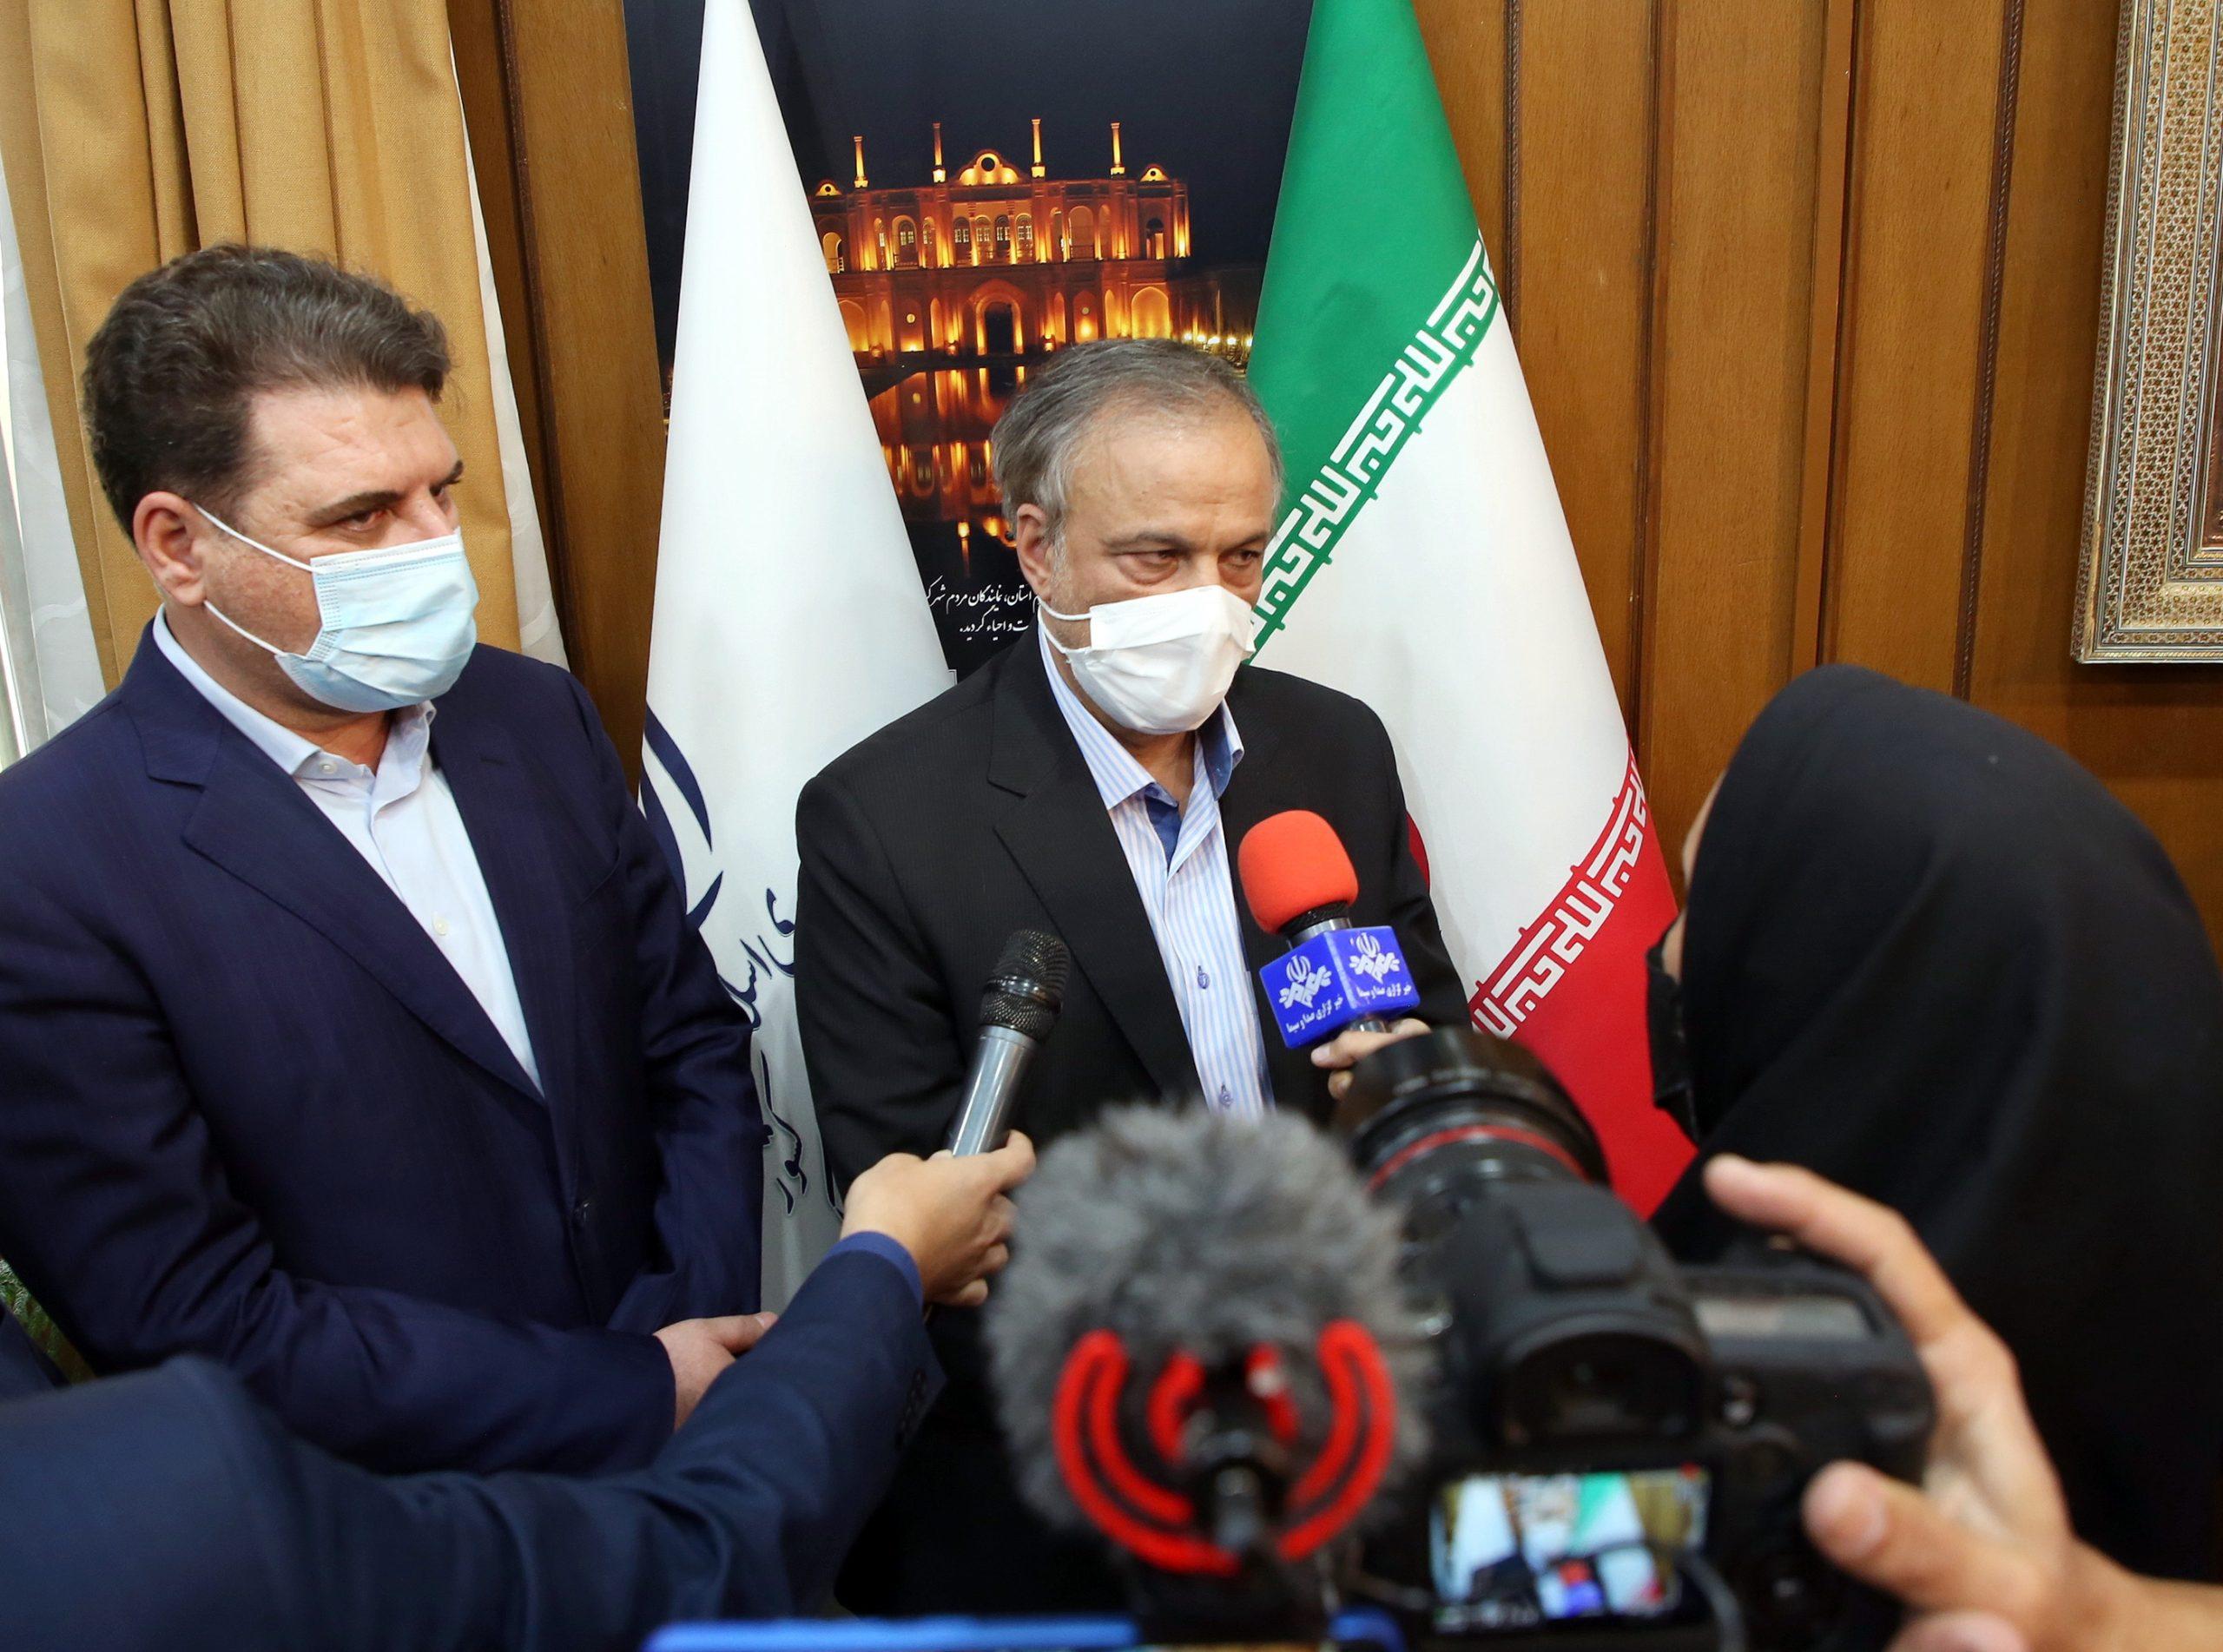 افتتاح ۲۵ هزار میلیارد تومان طرح توسط وزارت صمت در کرمان تا پایان دولت